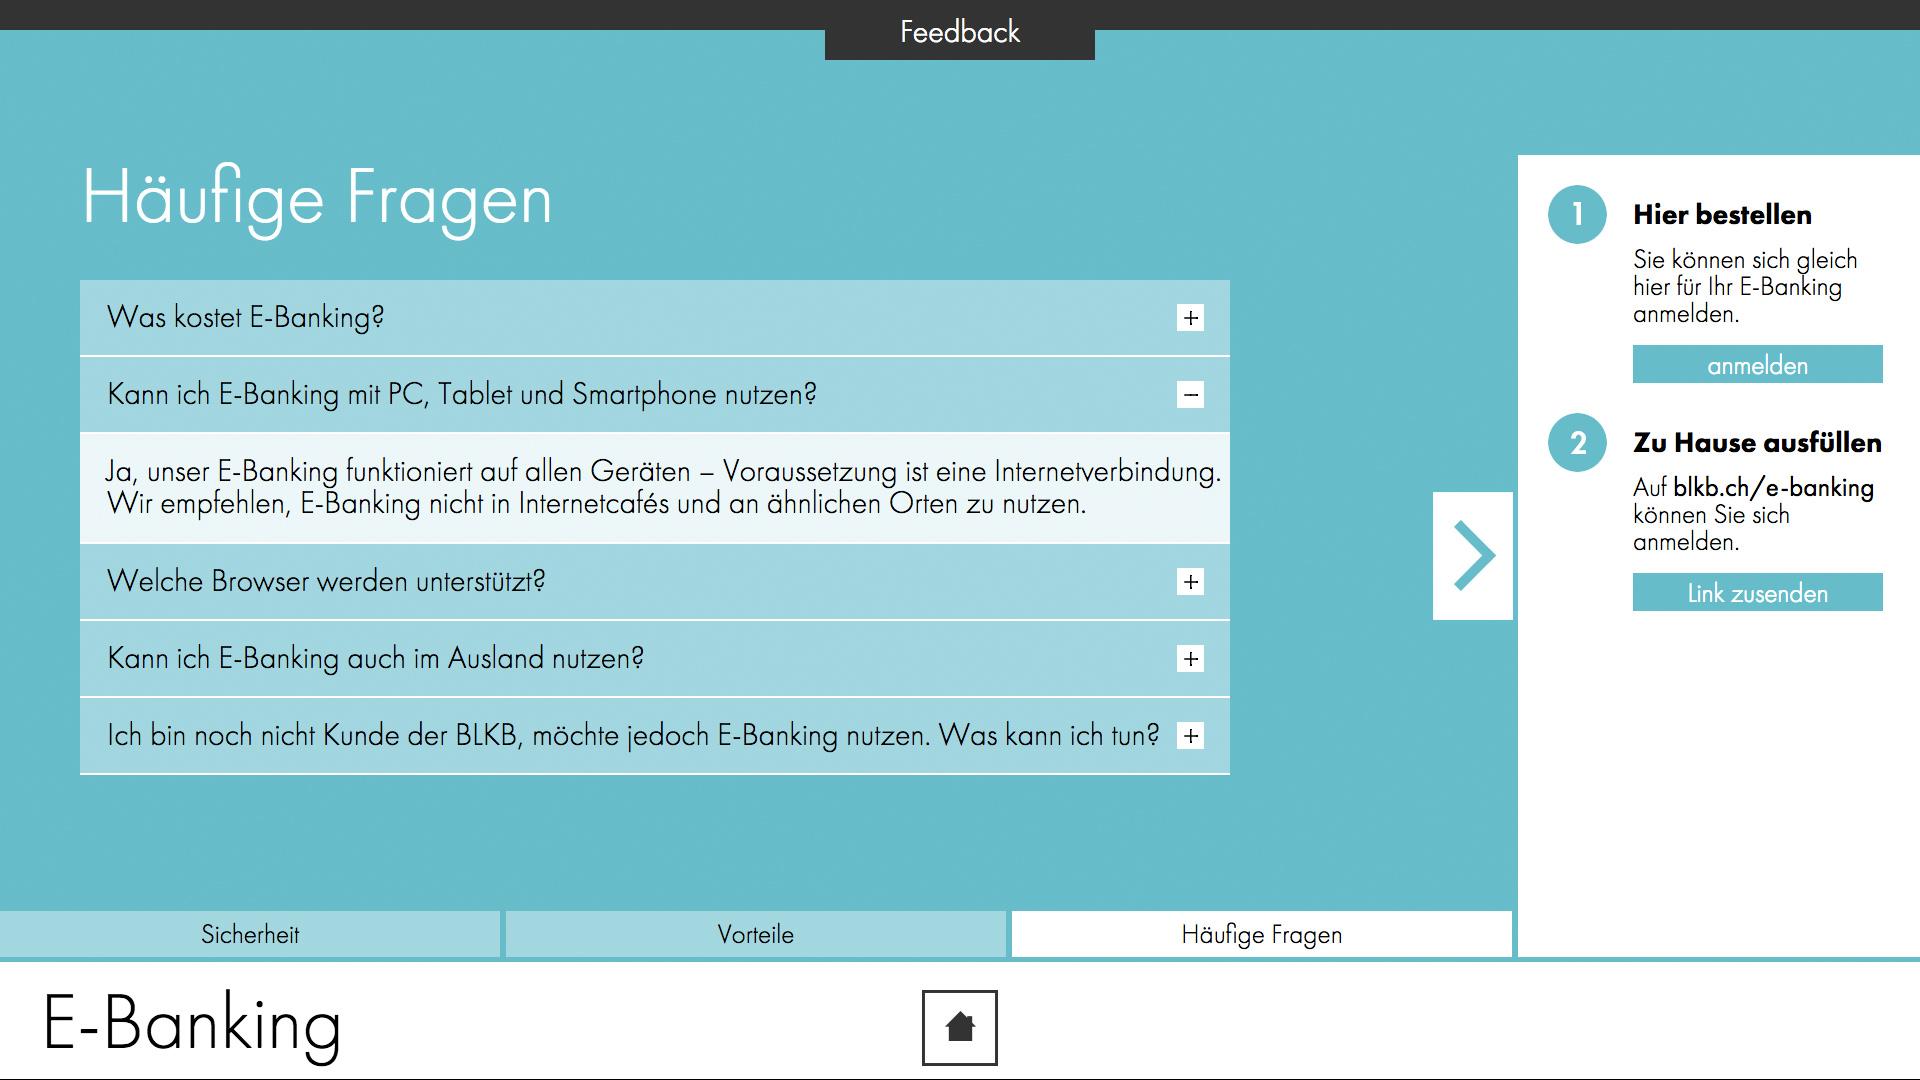 Bild 3 vom BLKB Touchterminal